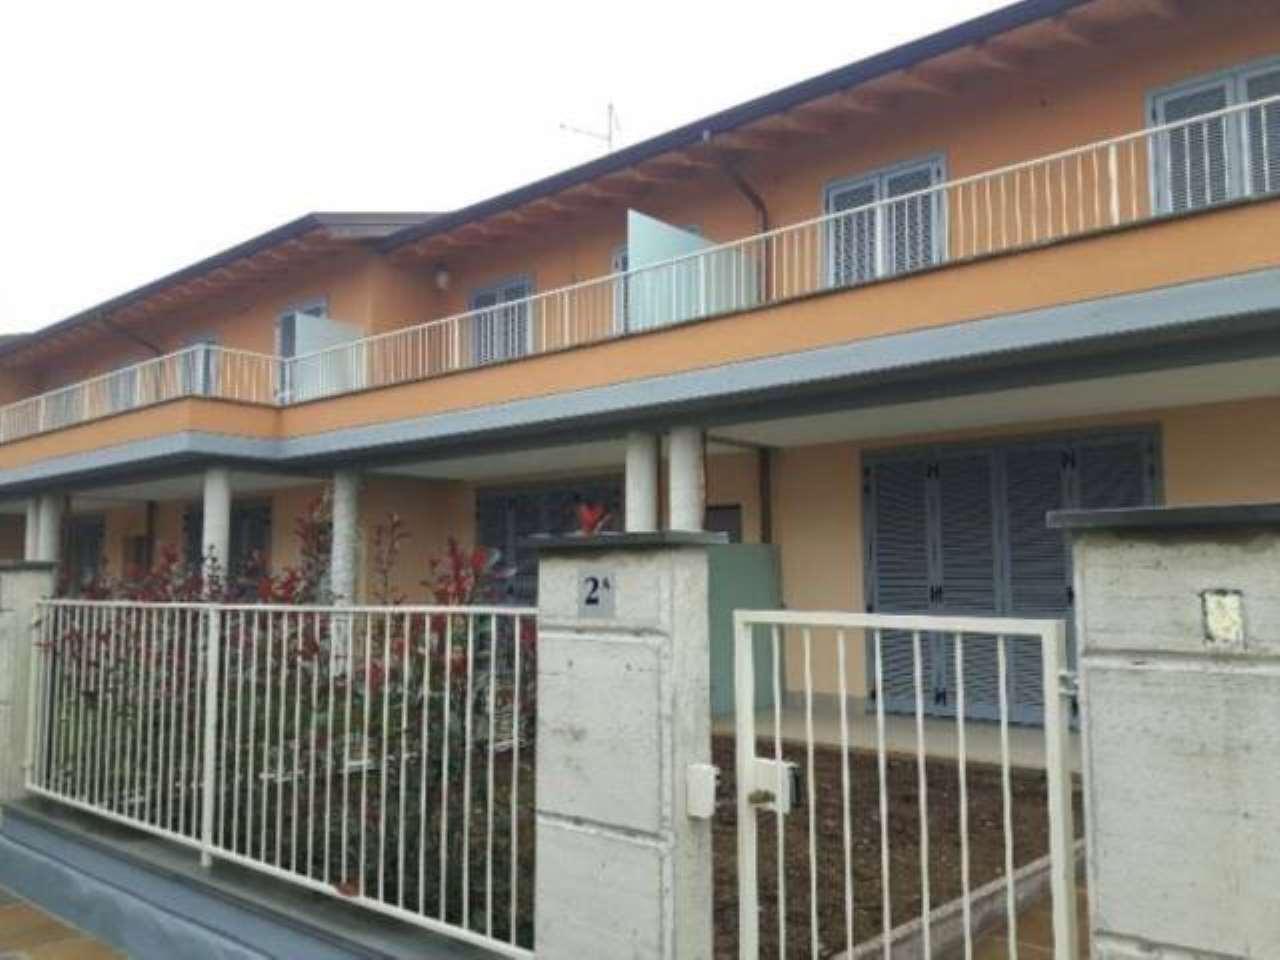 Villetta a schiera in vendita Rif. 5265589